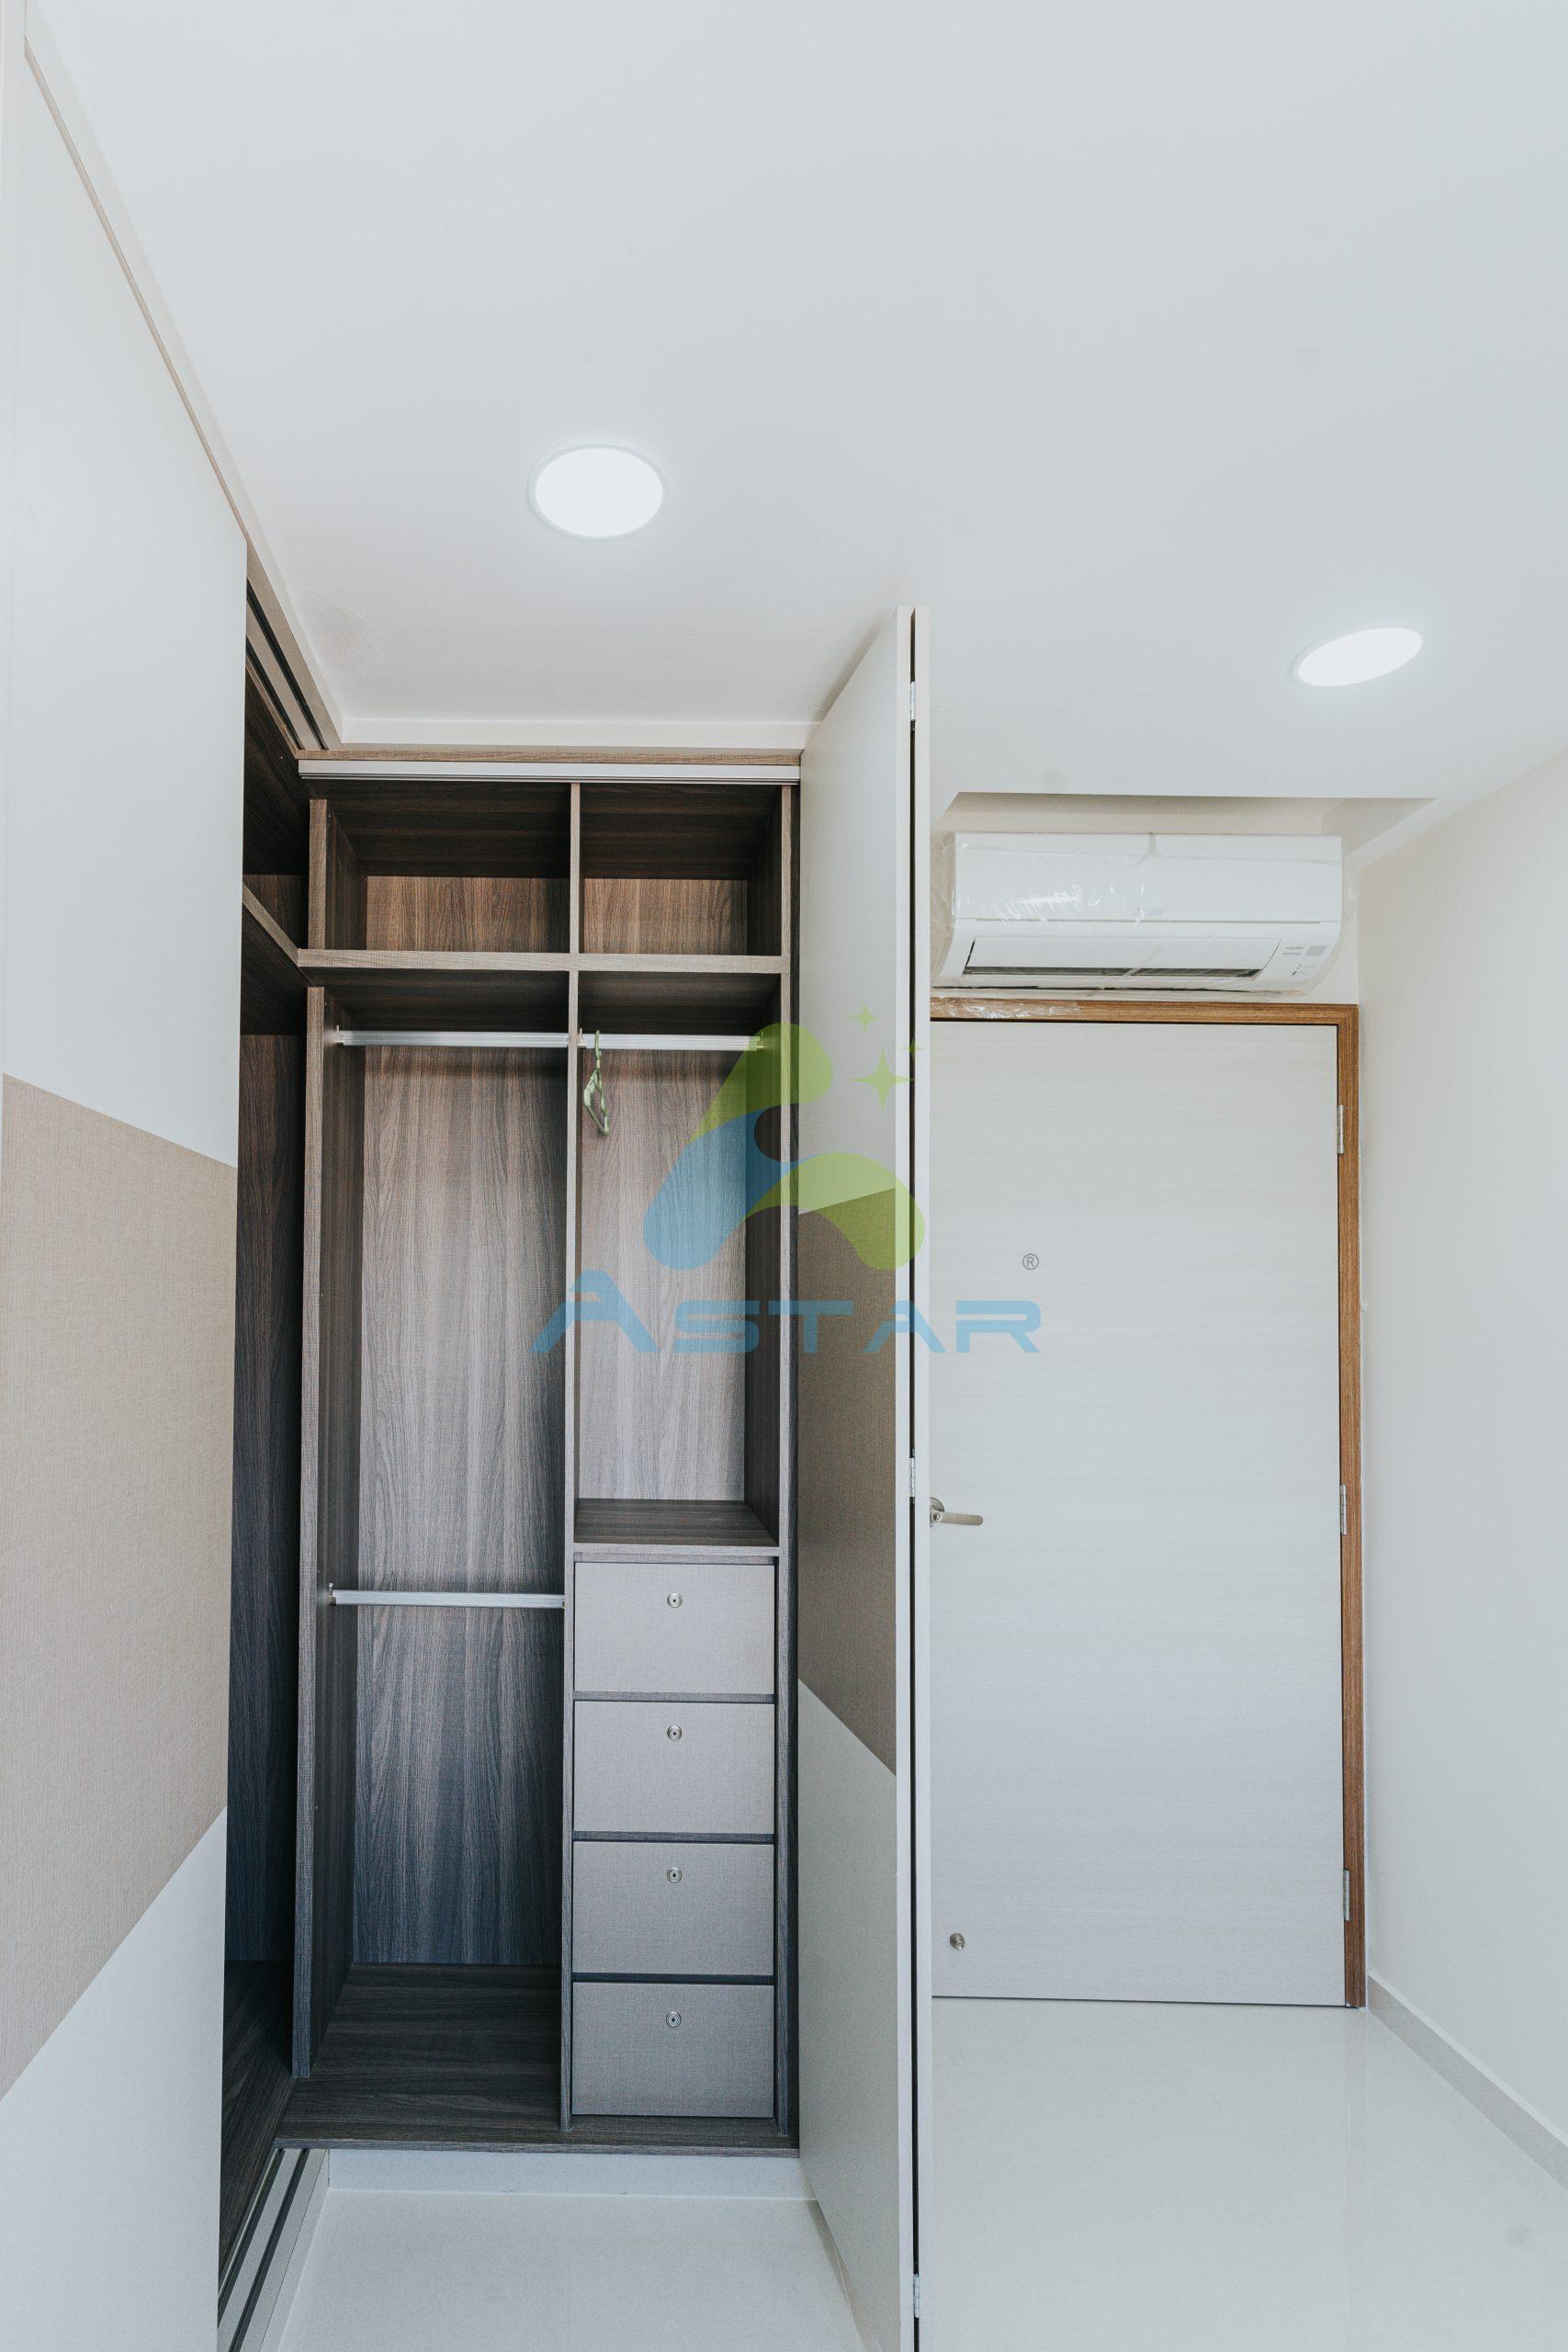 astar furnishing aluminum furniture projects Blk 478B Yishun St 44 23